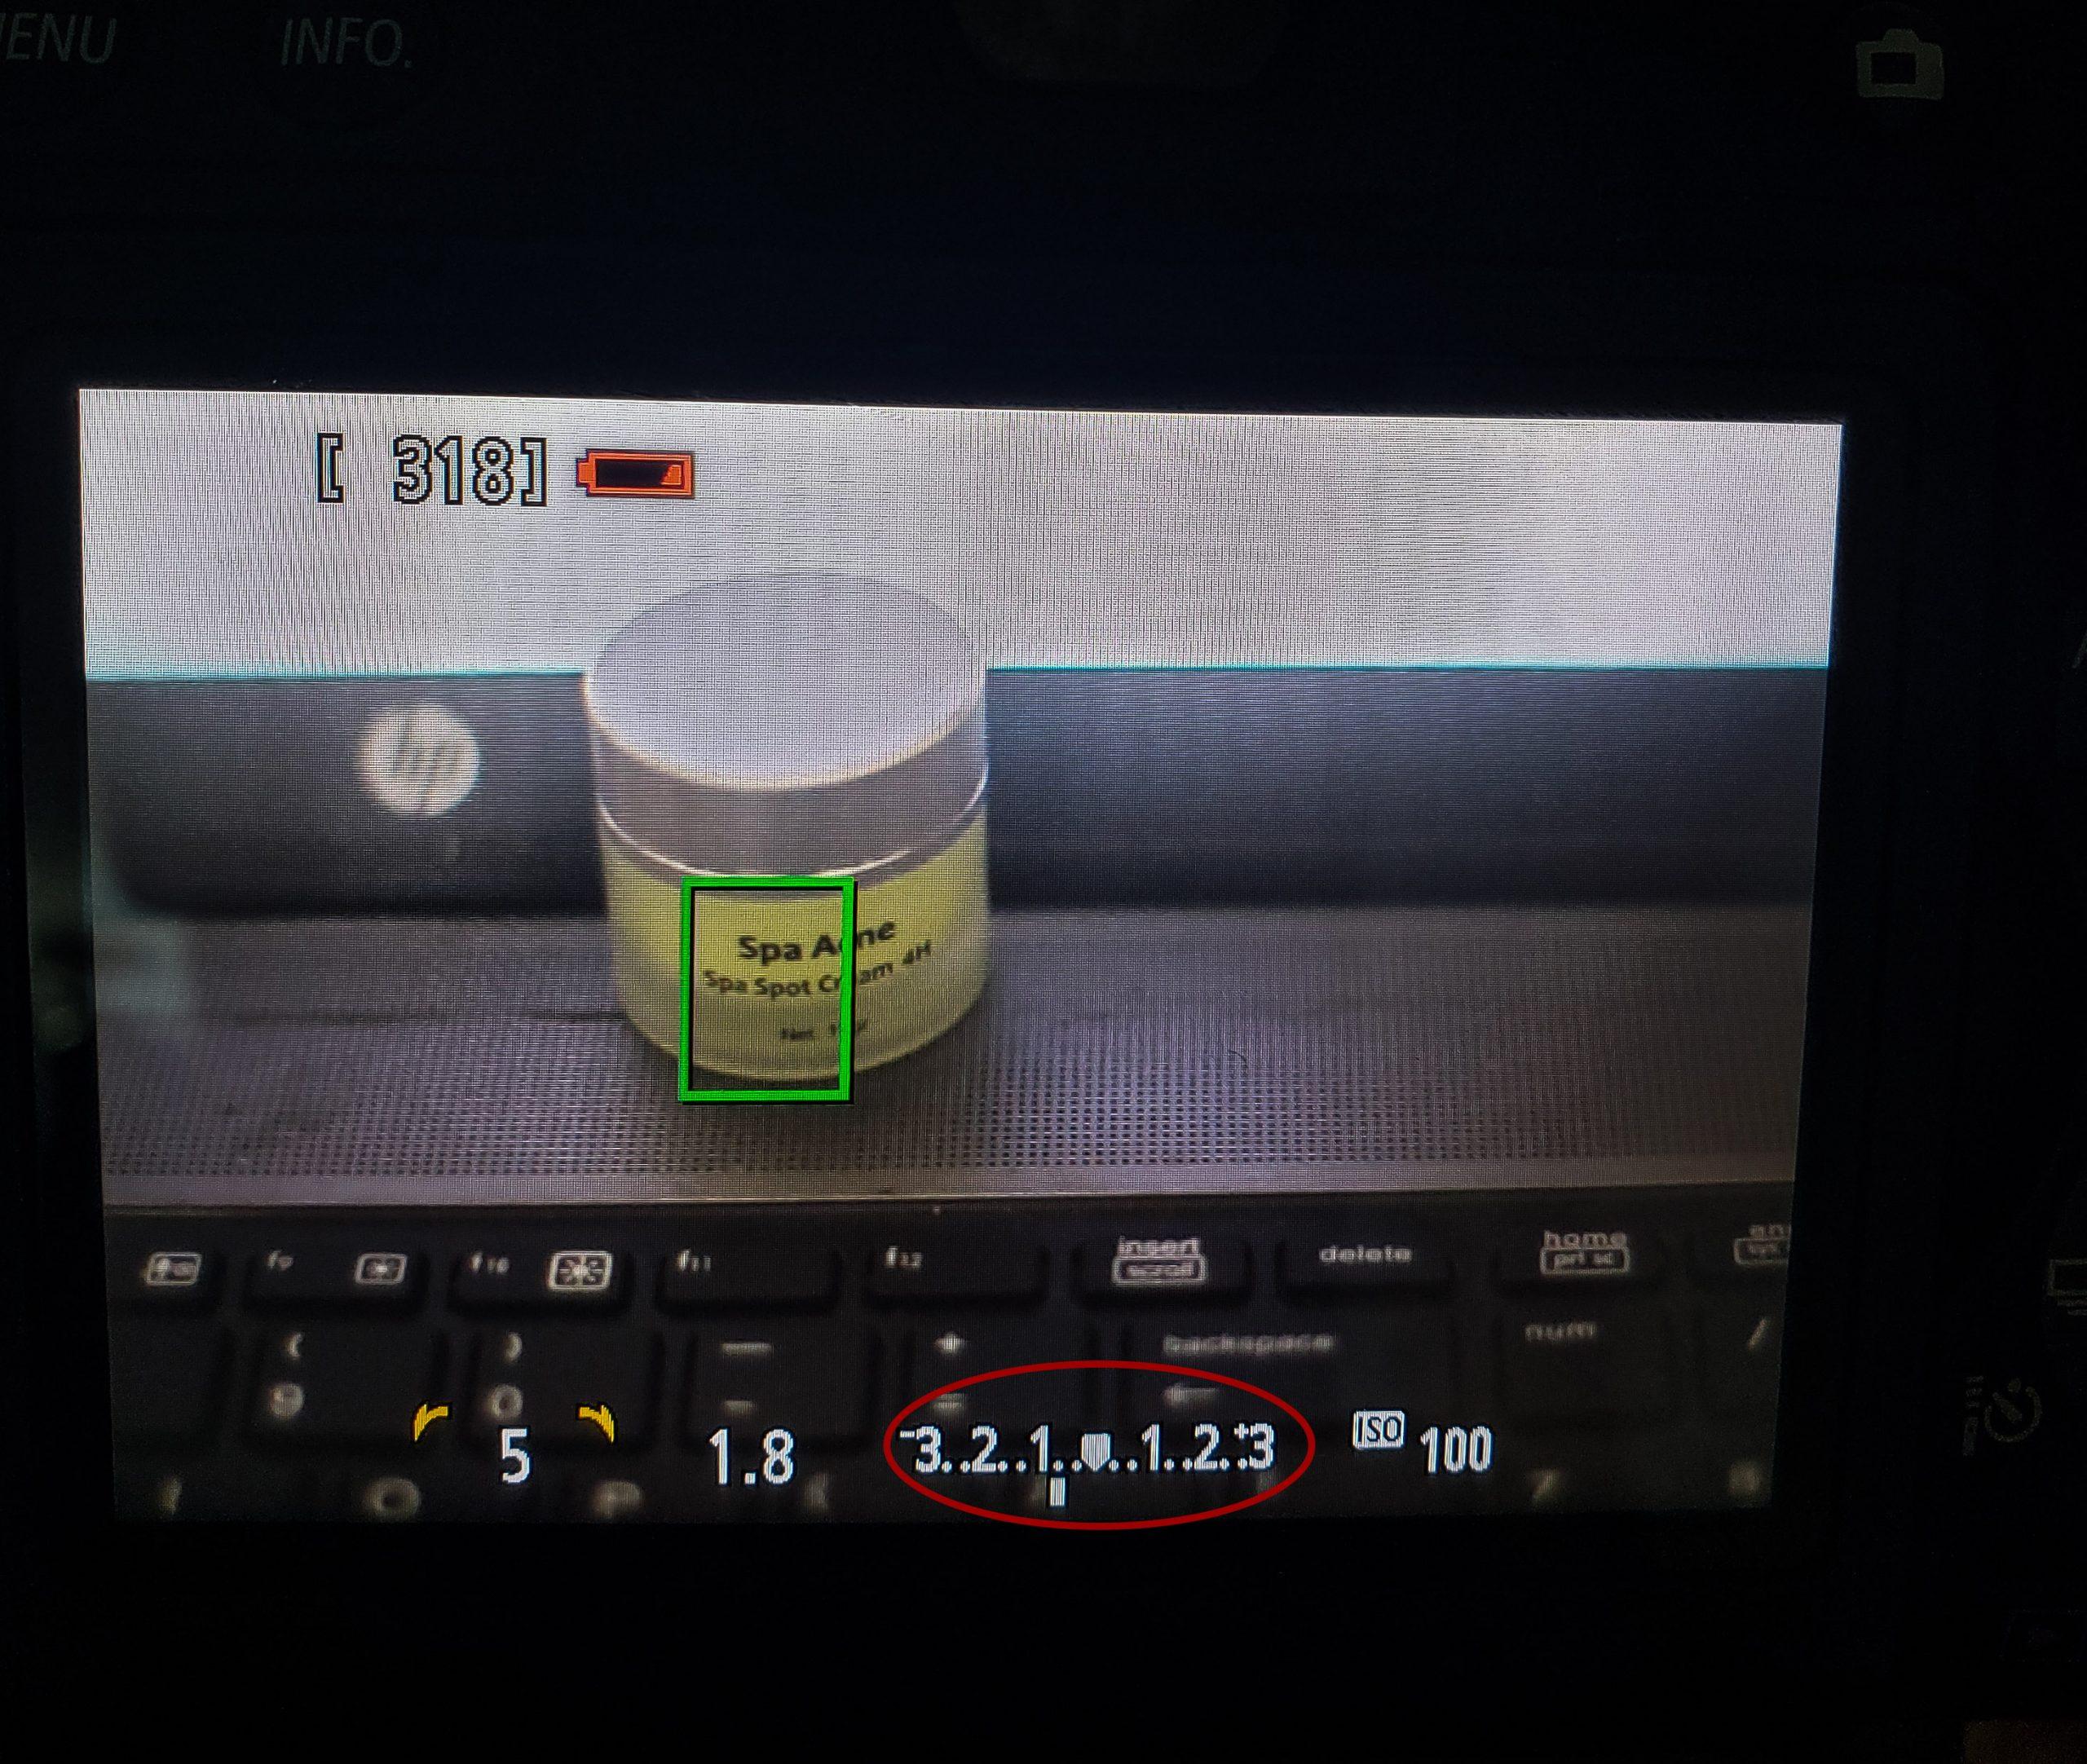 Thanh đo sáng trên màn hình LCD